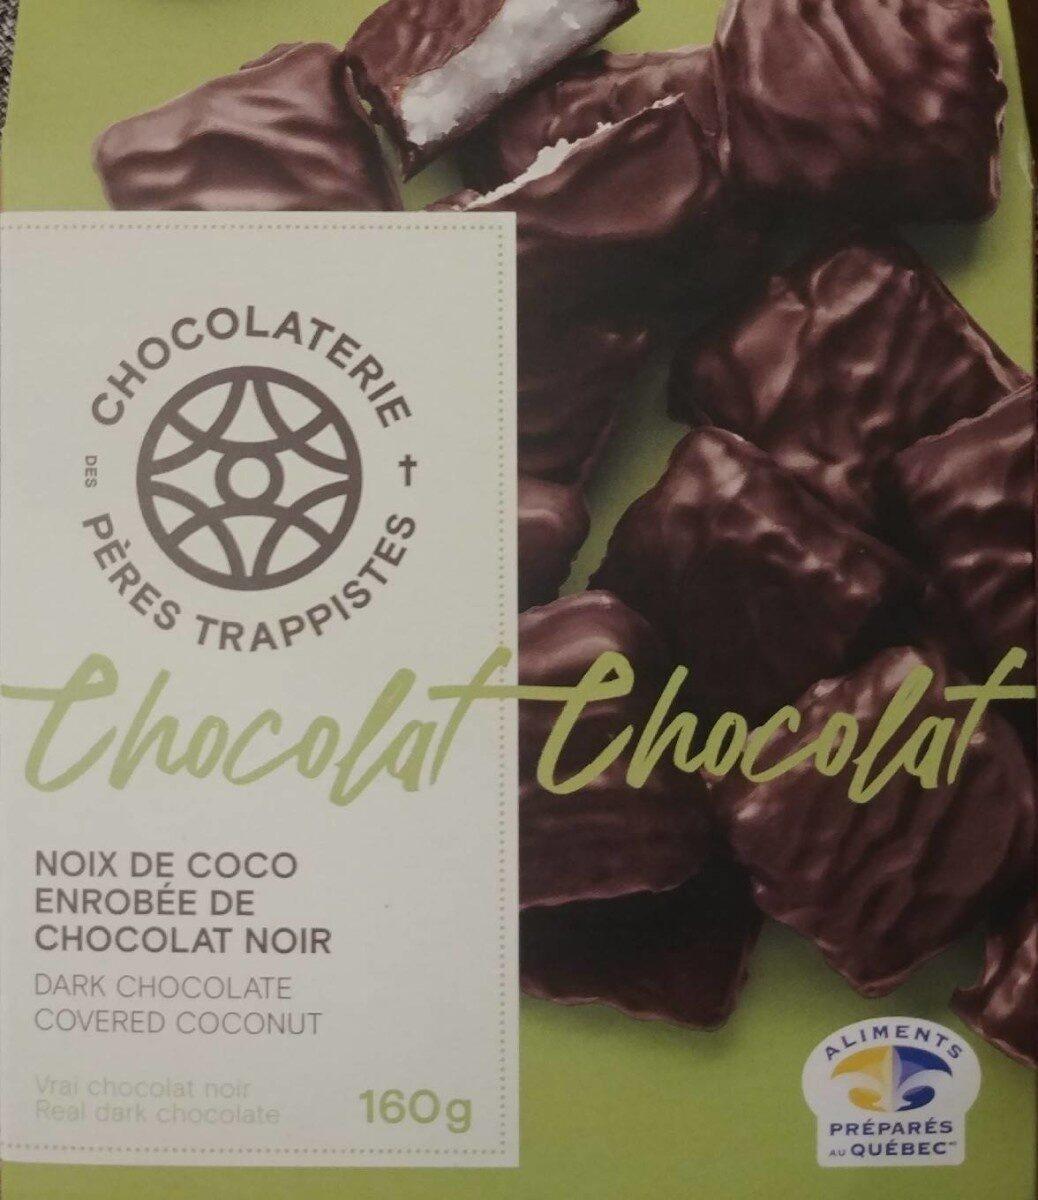 Noix de coco enrobée de chocolat noir - Product - fr